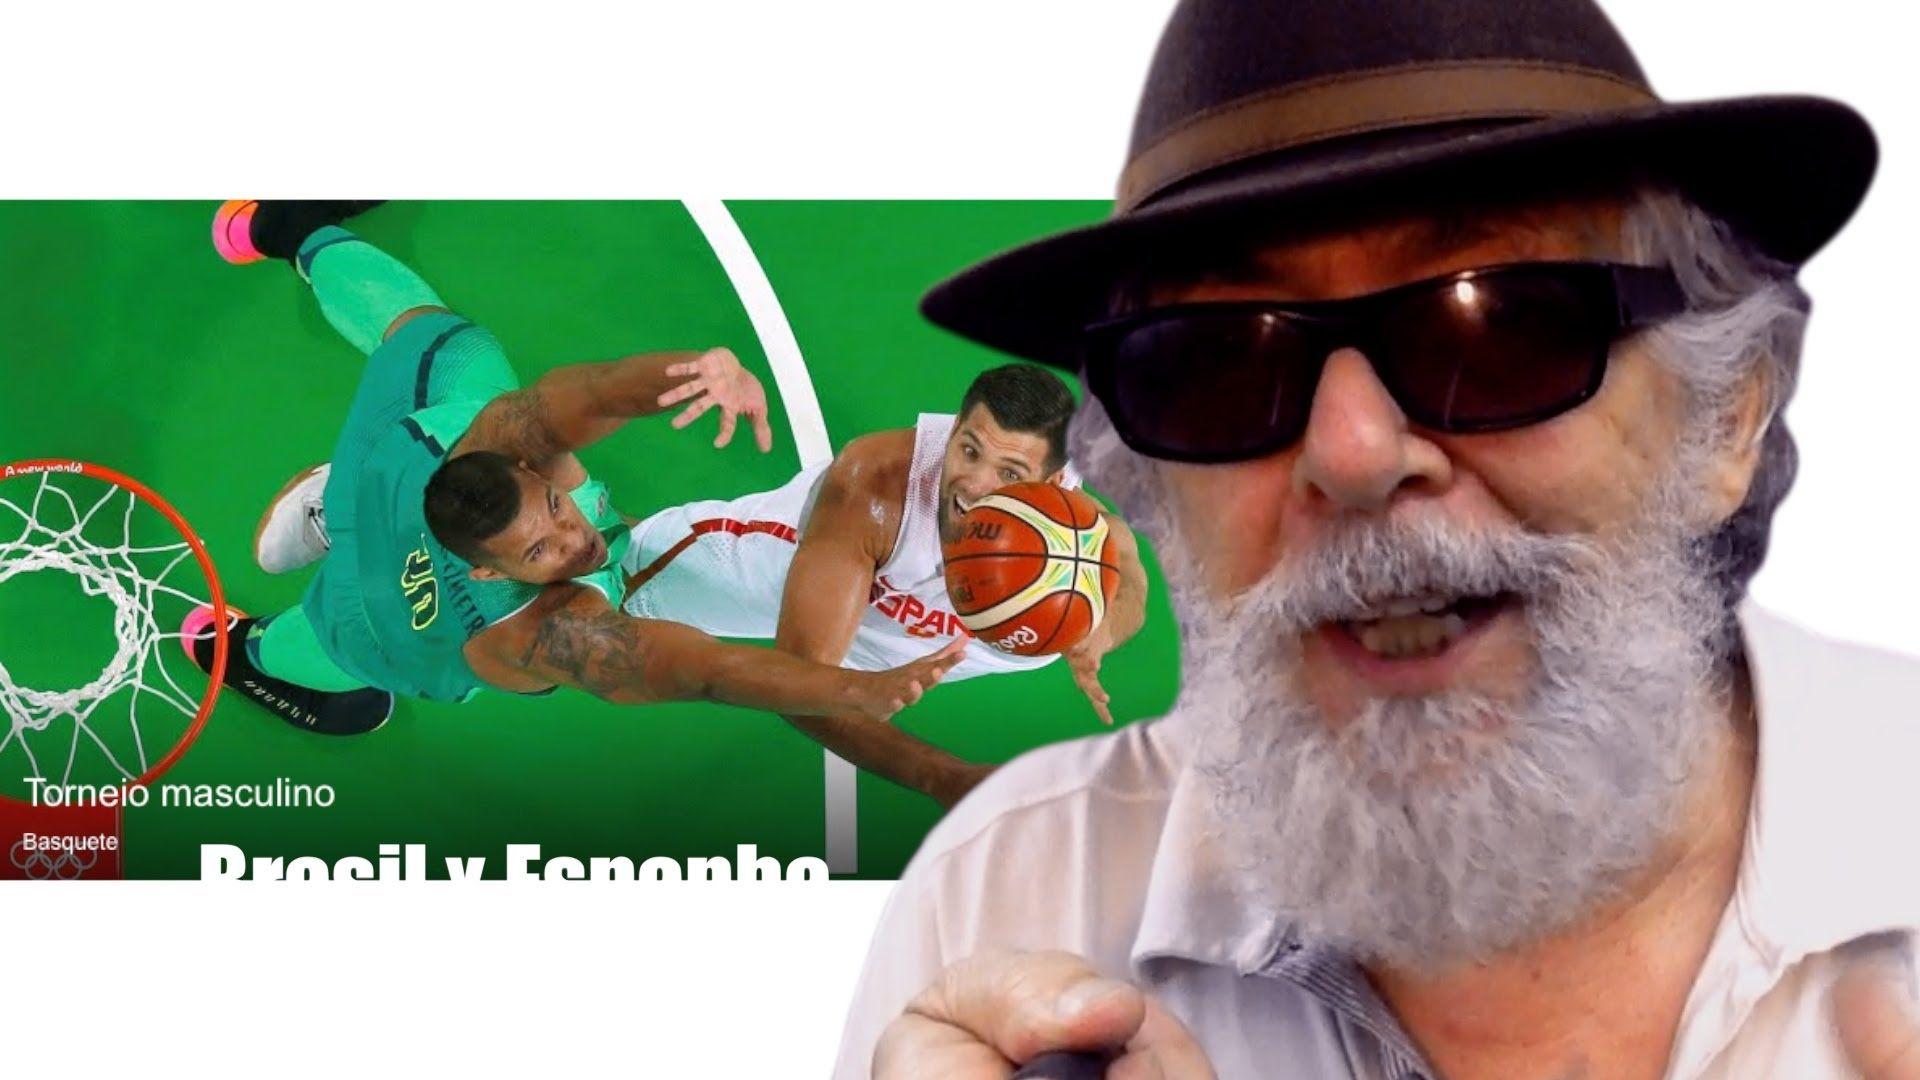 Comentarista chora frente às Cameras - Live - Basquete Brasil vs Espanha...